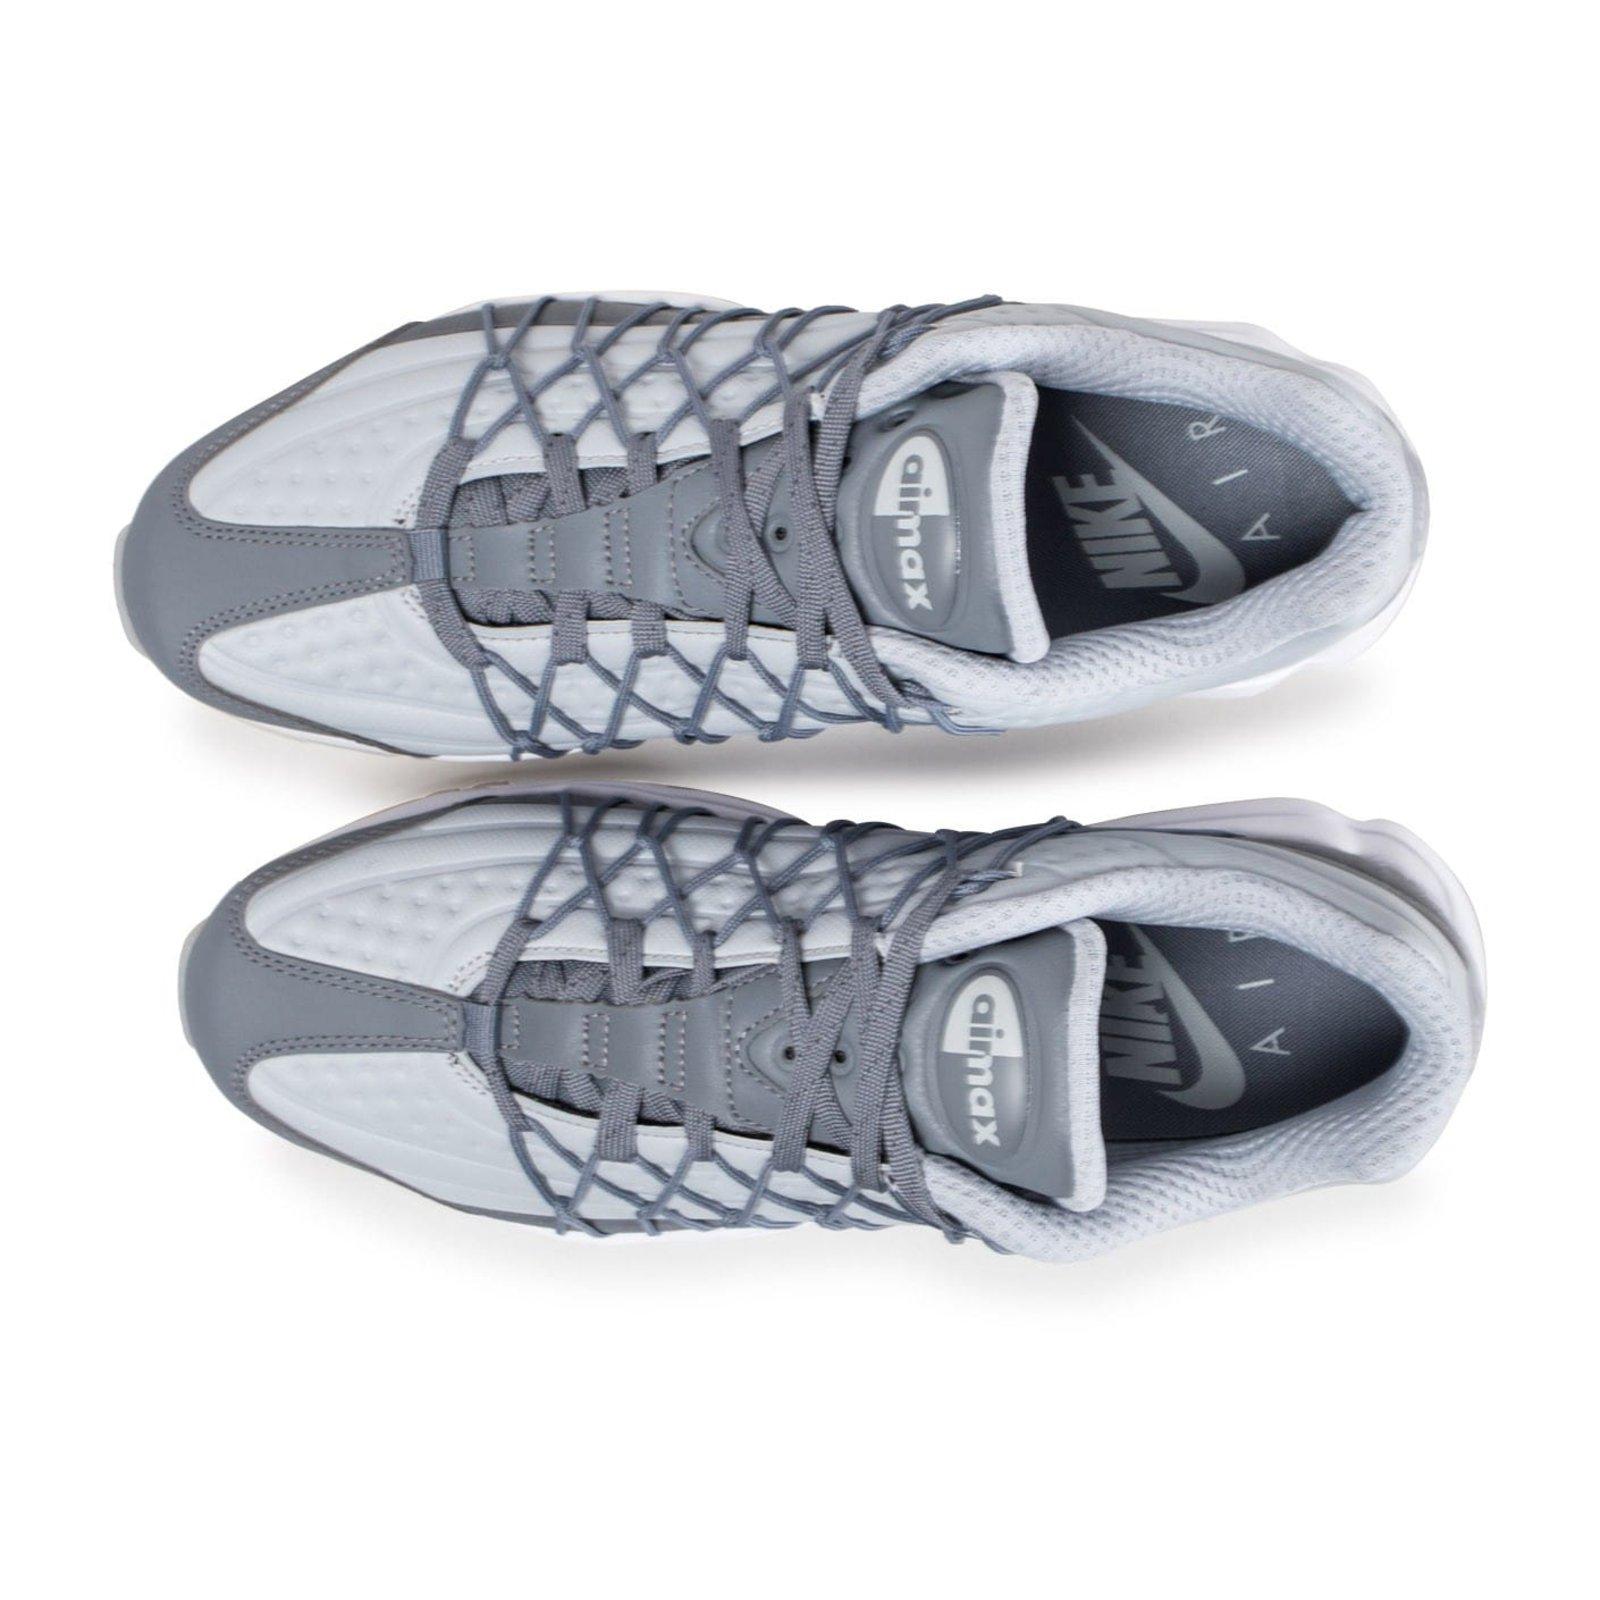 Air max 95 ultra Sneakers